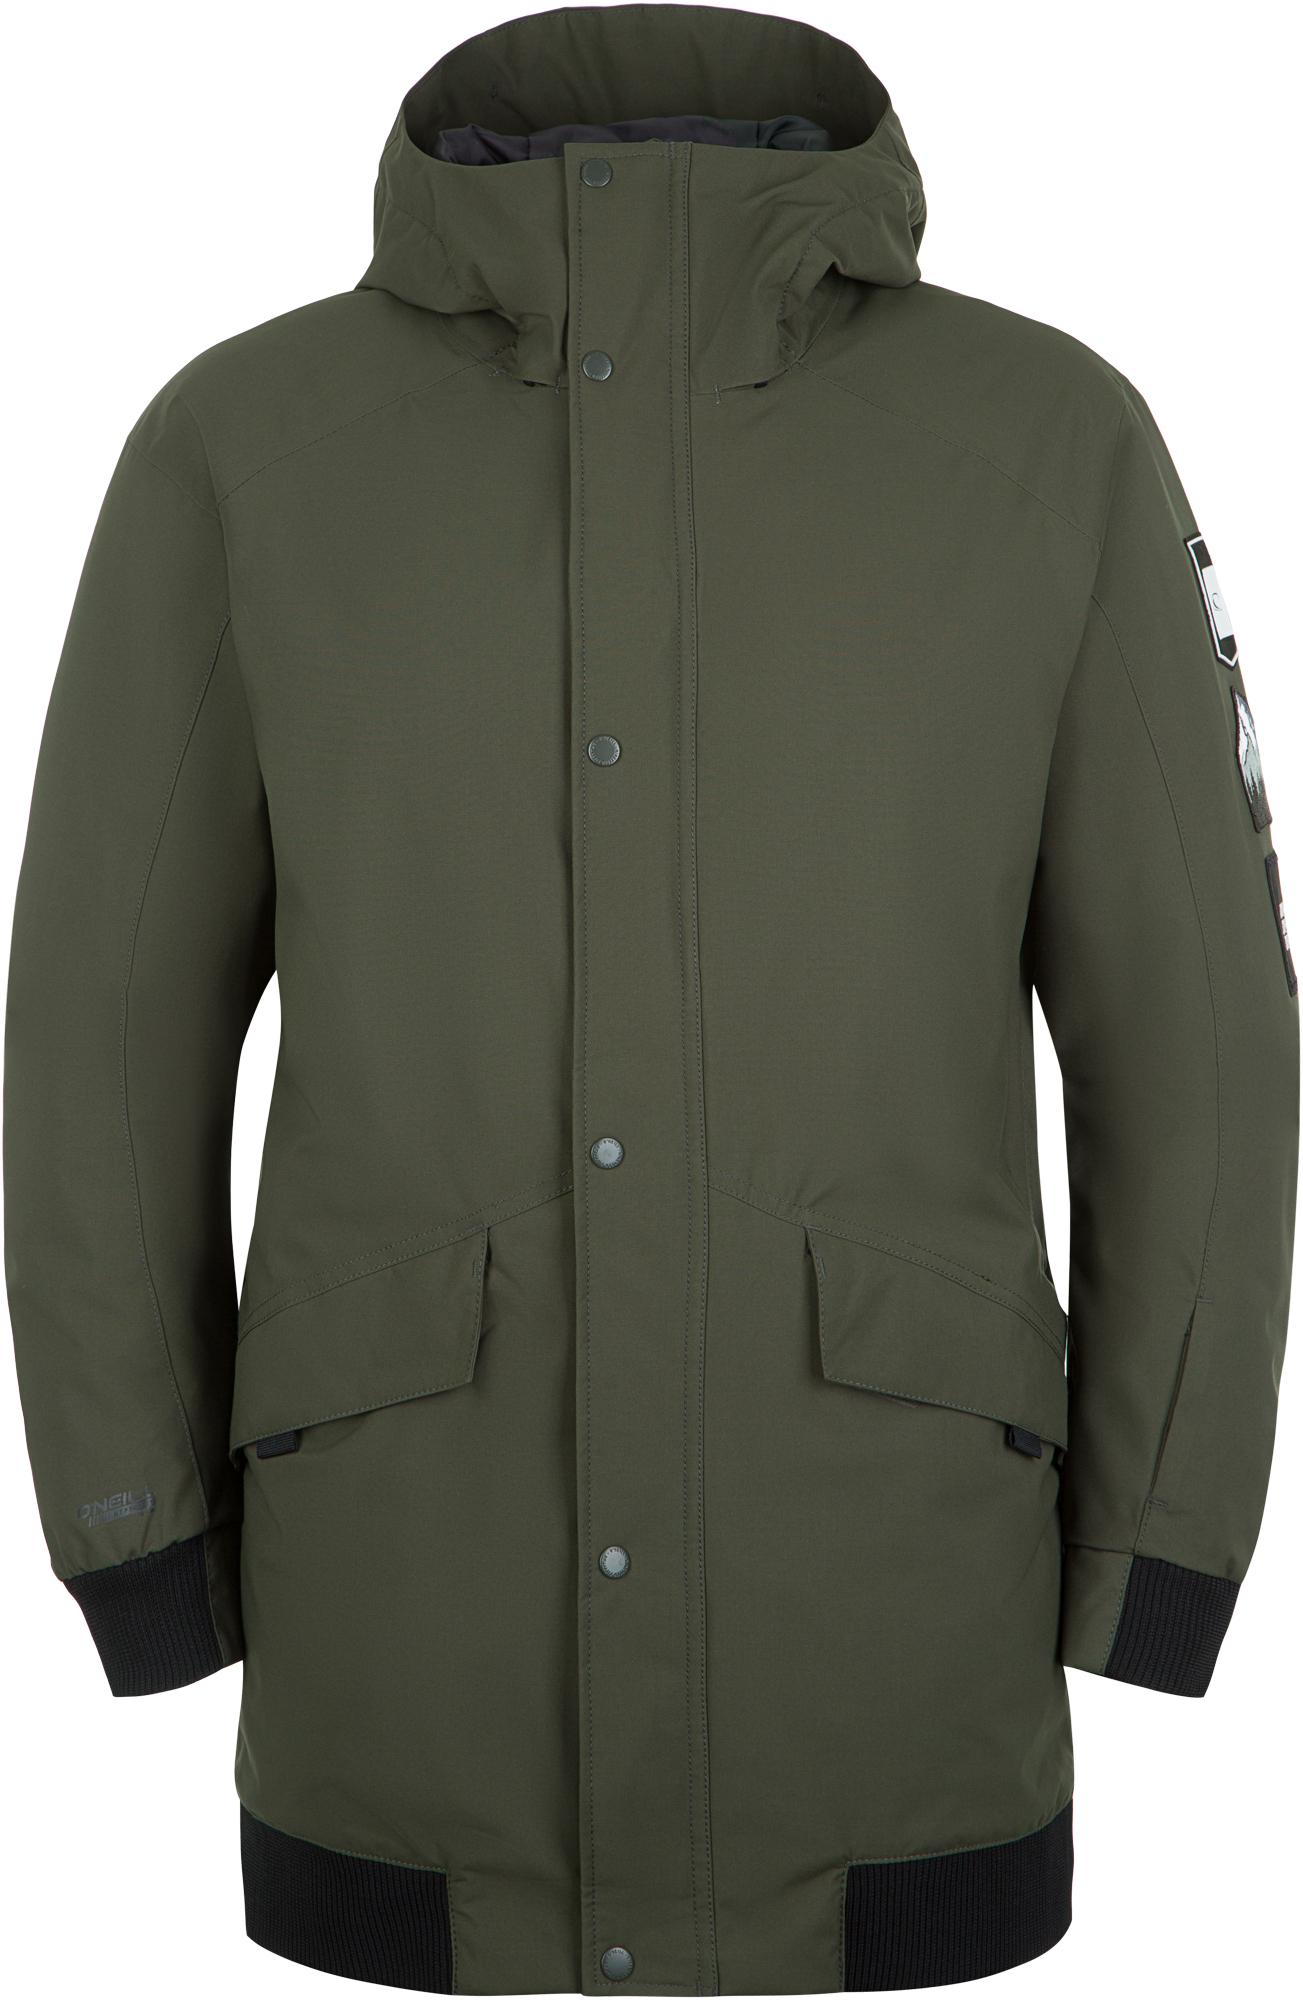 O'Neill Куртка утепленная мужская O'Neill Pm Decode-Bomber, размер 52-54 o neill куртка утепленная женская o neill pw hybrid cluster iii размер 48 50